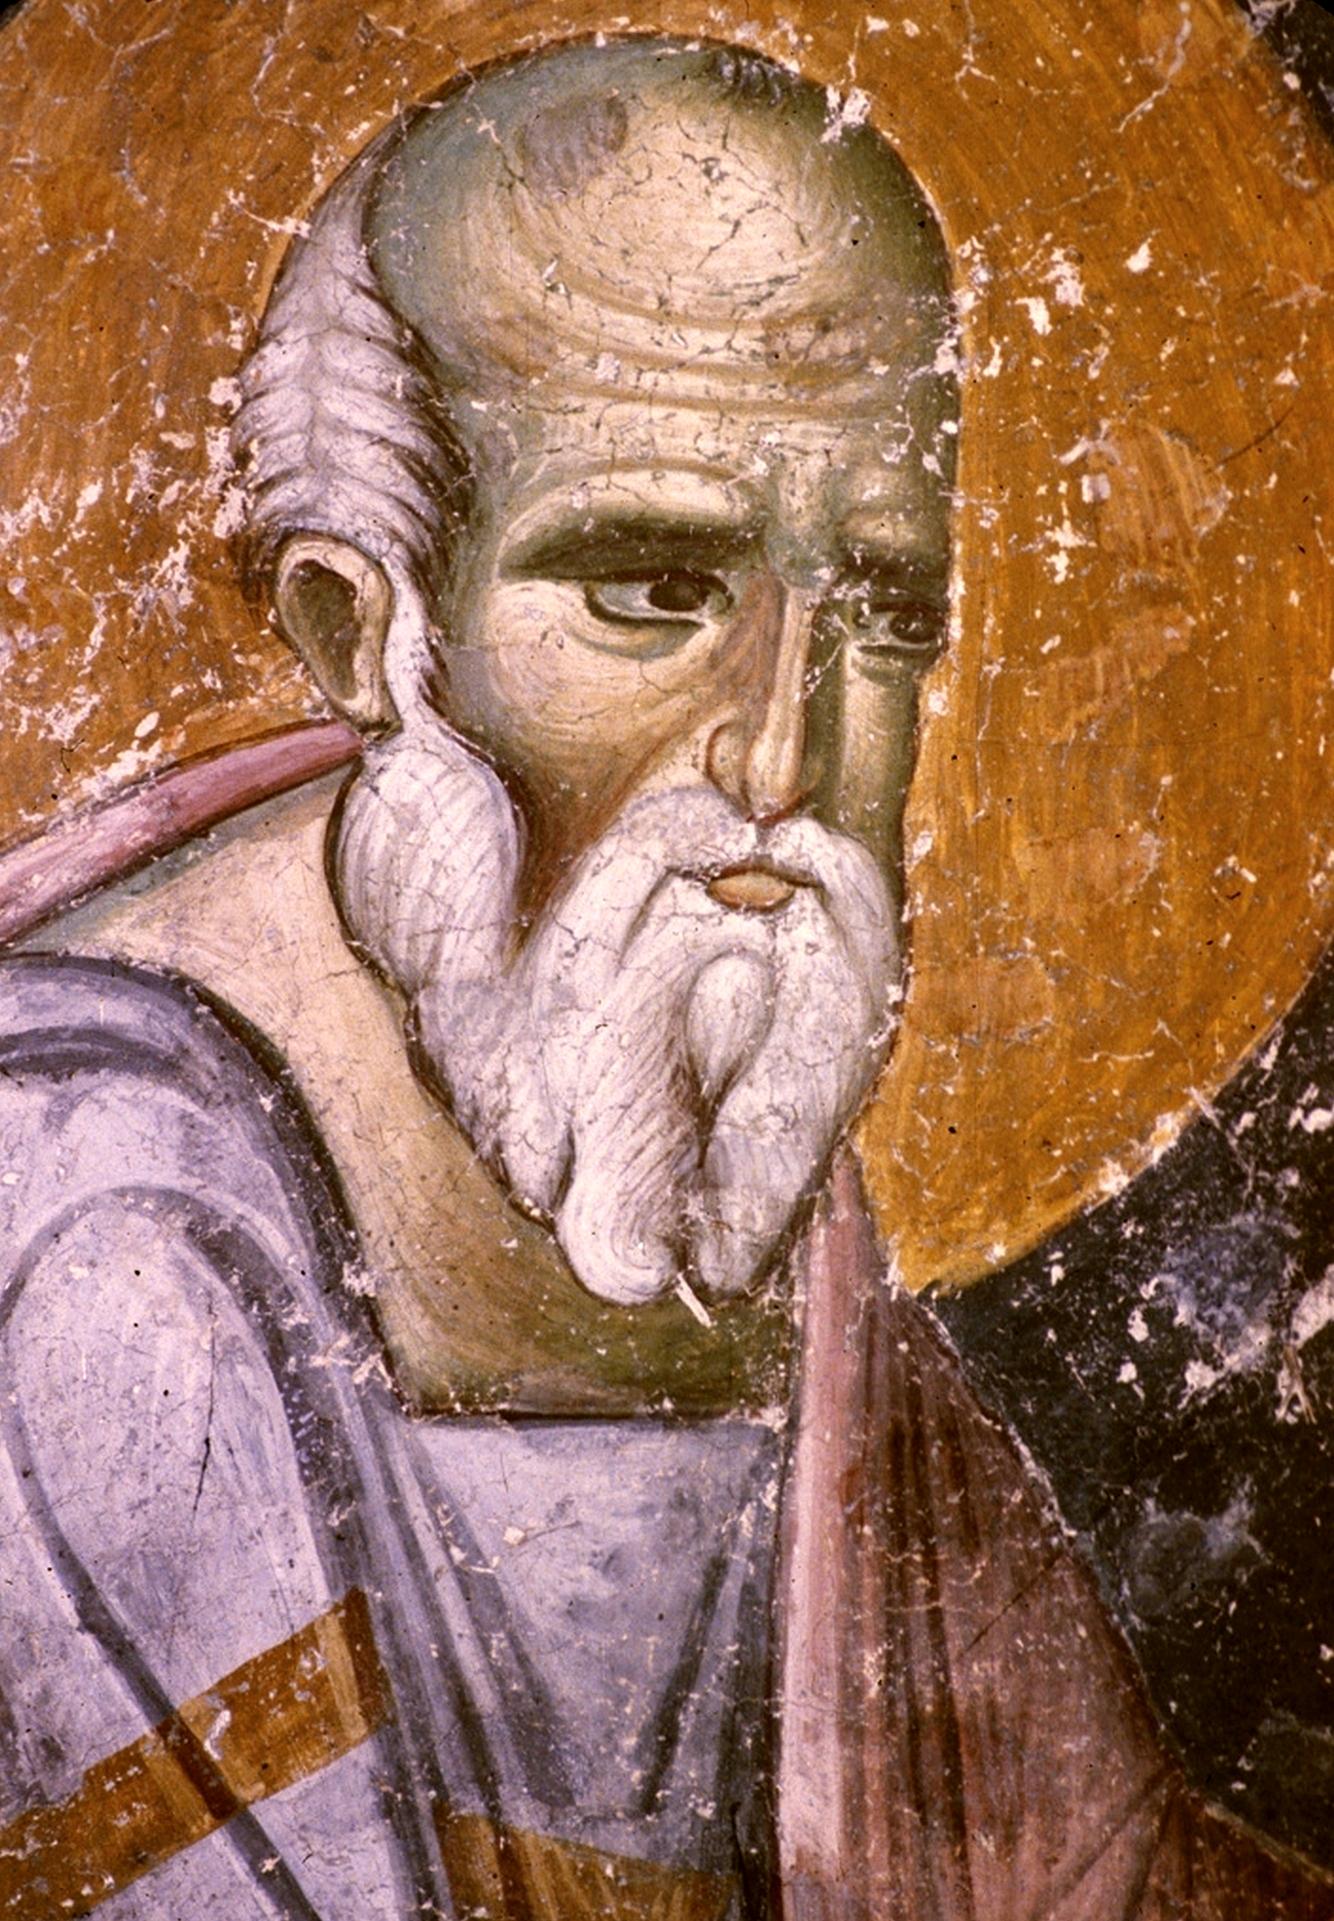 Святой Апостол и Евангелист Иоанн Богослов. Фреска церкви Святых Апостолов в Пече, Косово, Сербия. 1260 - 1263 годы.